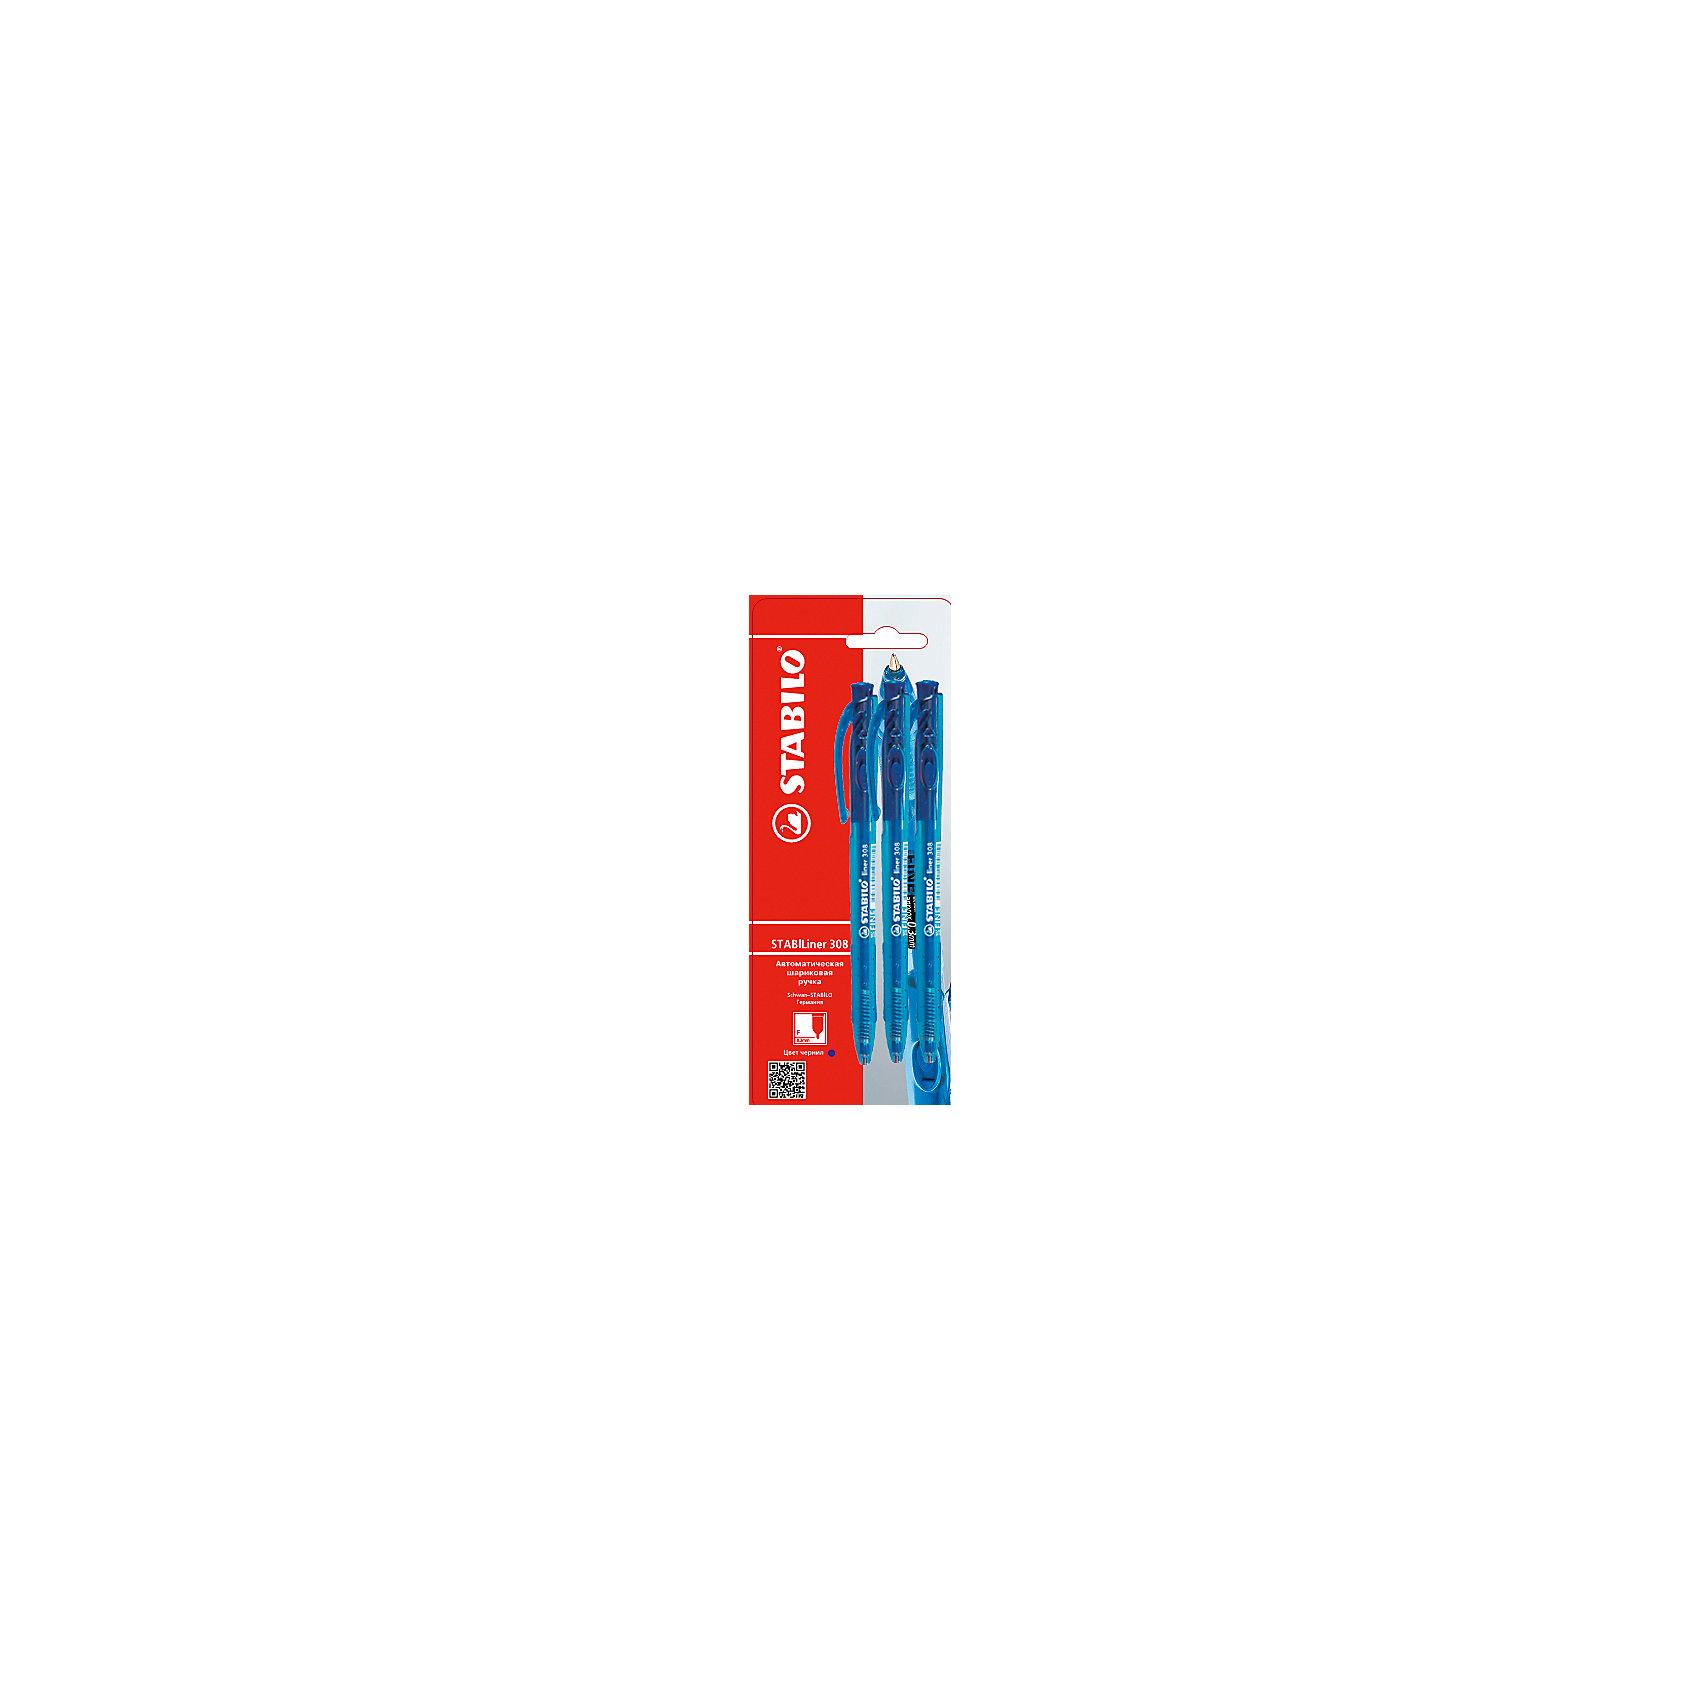 Ручка синяя, 3 шт.Письменные принадлежности<br>Ручка синяя, 3 шт. от марки Stabilo<br><br>Удобные немецкие ручки от компании Stabilo в прозрачном корпусе. Пишущий инструмент отличного качества! Автоматическая шариковая ручка имеет заменяемый стержень и надежный клип.<br>Отлично ложится в руке, пишет мягко. Дает аккуратную линию. Чернил хватает на долгое время! Чернила быстро сохнут. В наборе - три одинаковые ручки.<br><br>Особенности данной модели:<br><br>ширина оставляемого следа: 0,3 мм;<br>цвет корпуса: синий.<br><br>Ручка синяя, 3 шт. от марки Stabilo можно купить в нашем магазине.<br><br>Ширина мм: 204<br>Глубина мм: 80<br>Высота мм: 10<br>Вес г: 9<br>Возраст от месяцев: 36<br>Возраст до месяцев: 2147483647<br>Пол: Унисекс<br>Возраст: Детский<br>SKU: 4684726